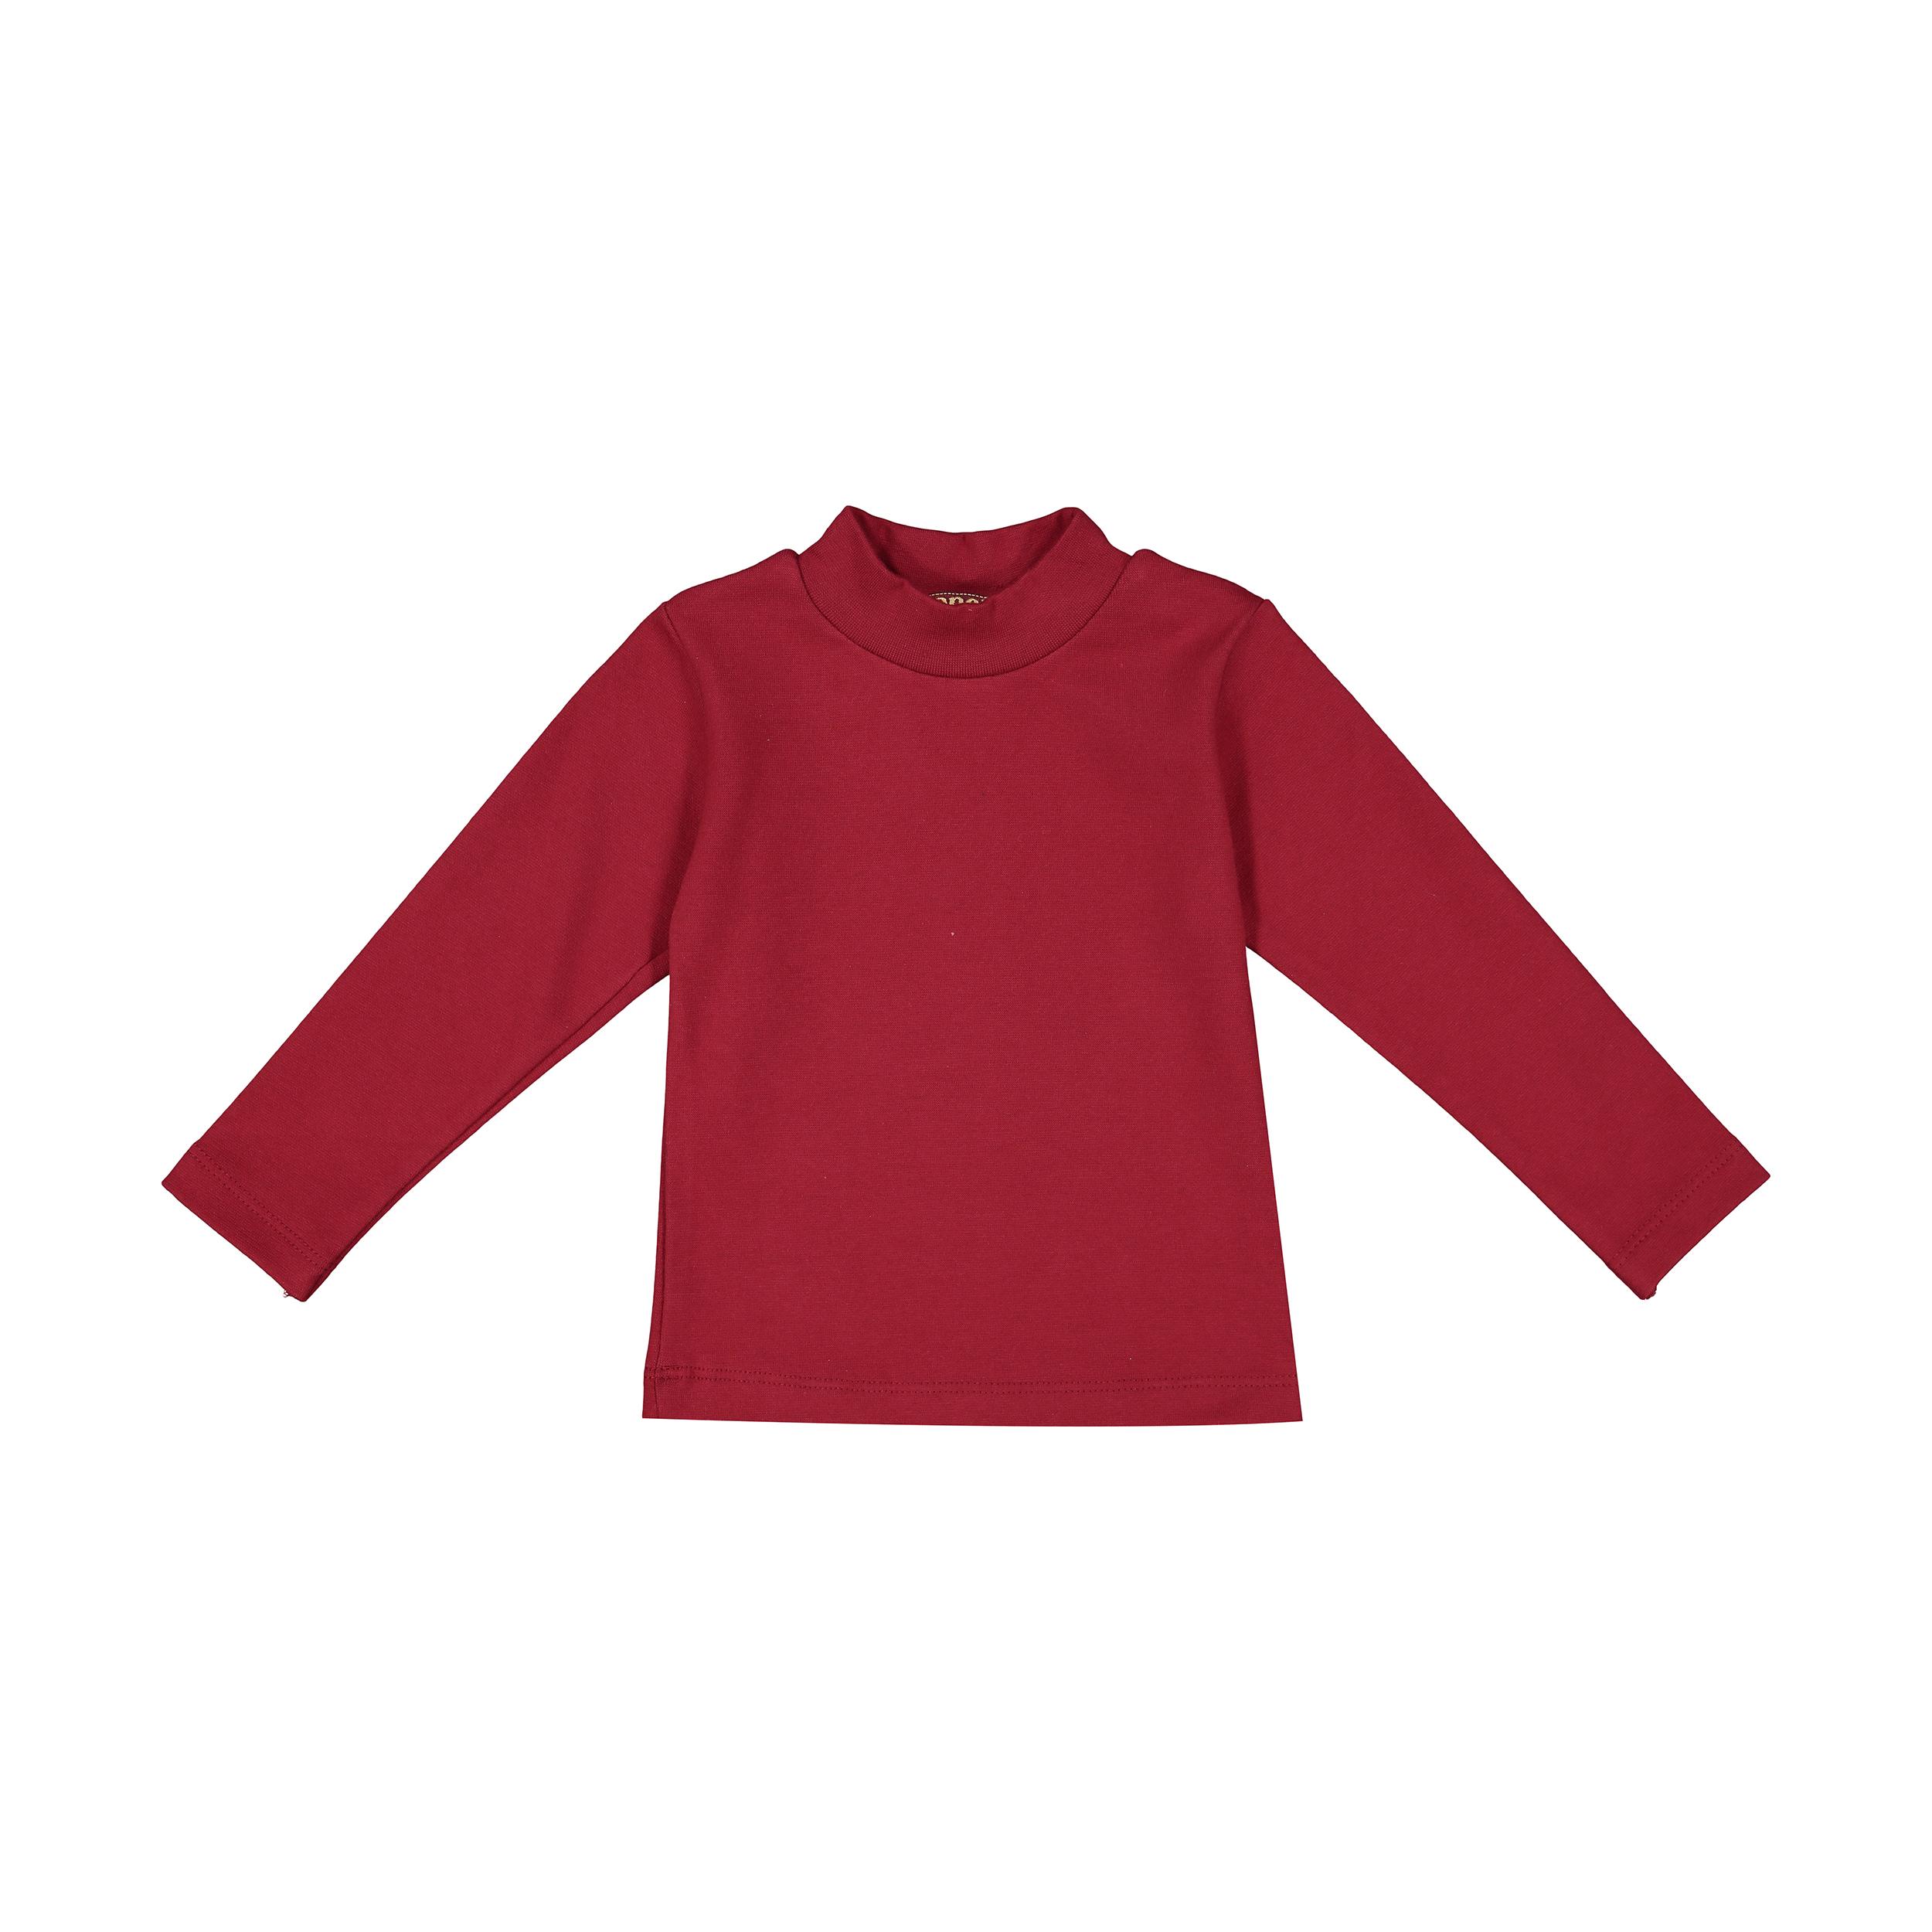 تی شرت بچگانه نونا مدل 221110323-70